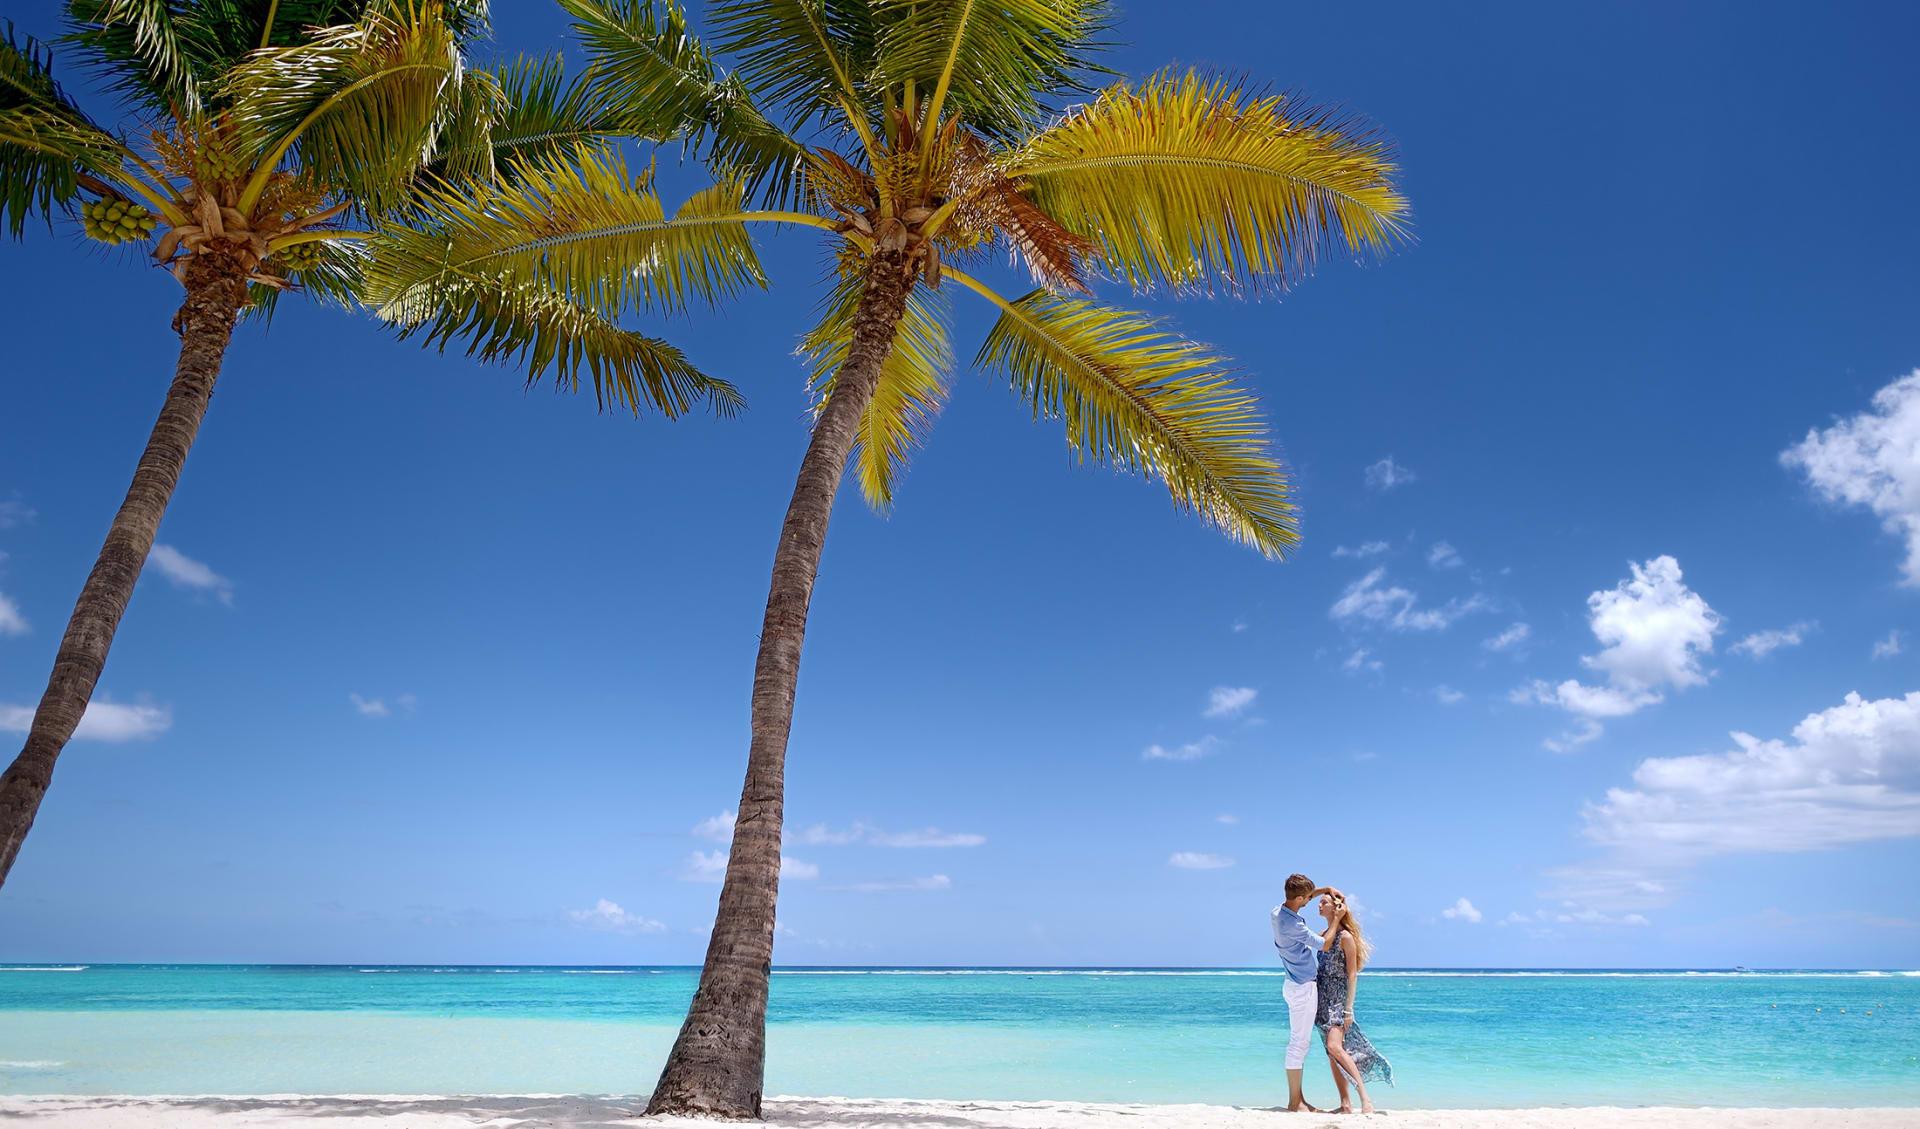 Paar auf der Insel, Fiji